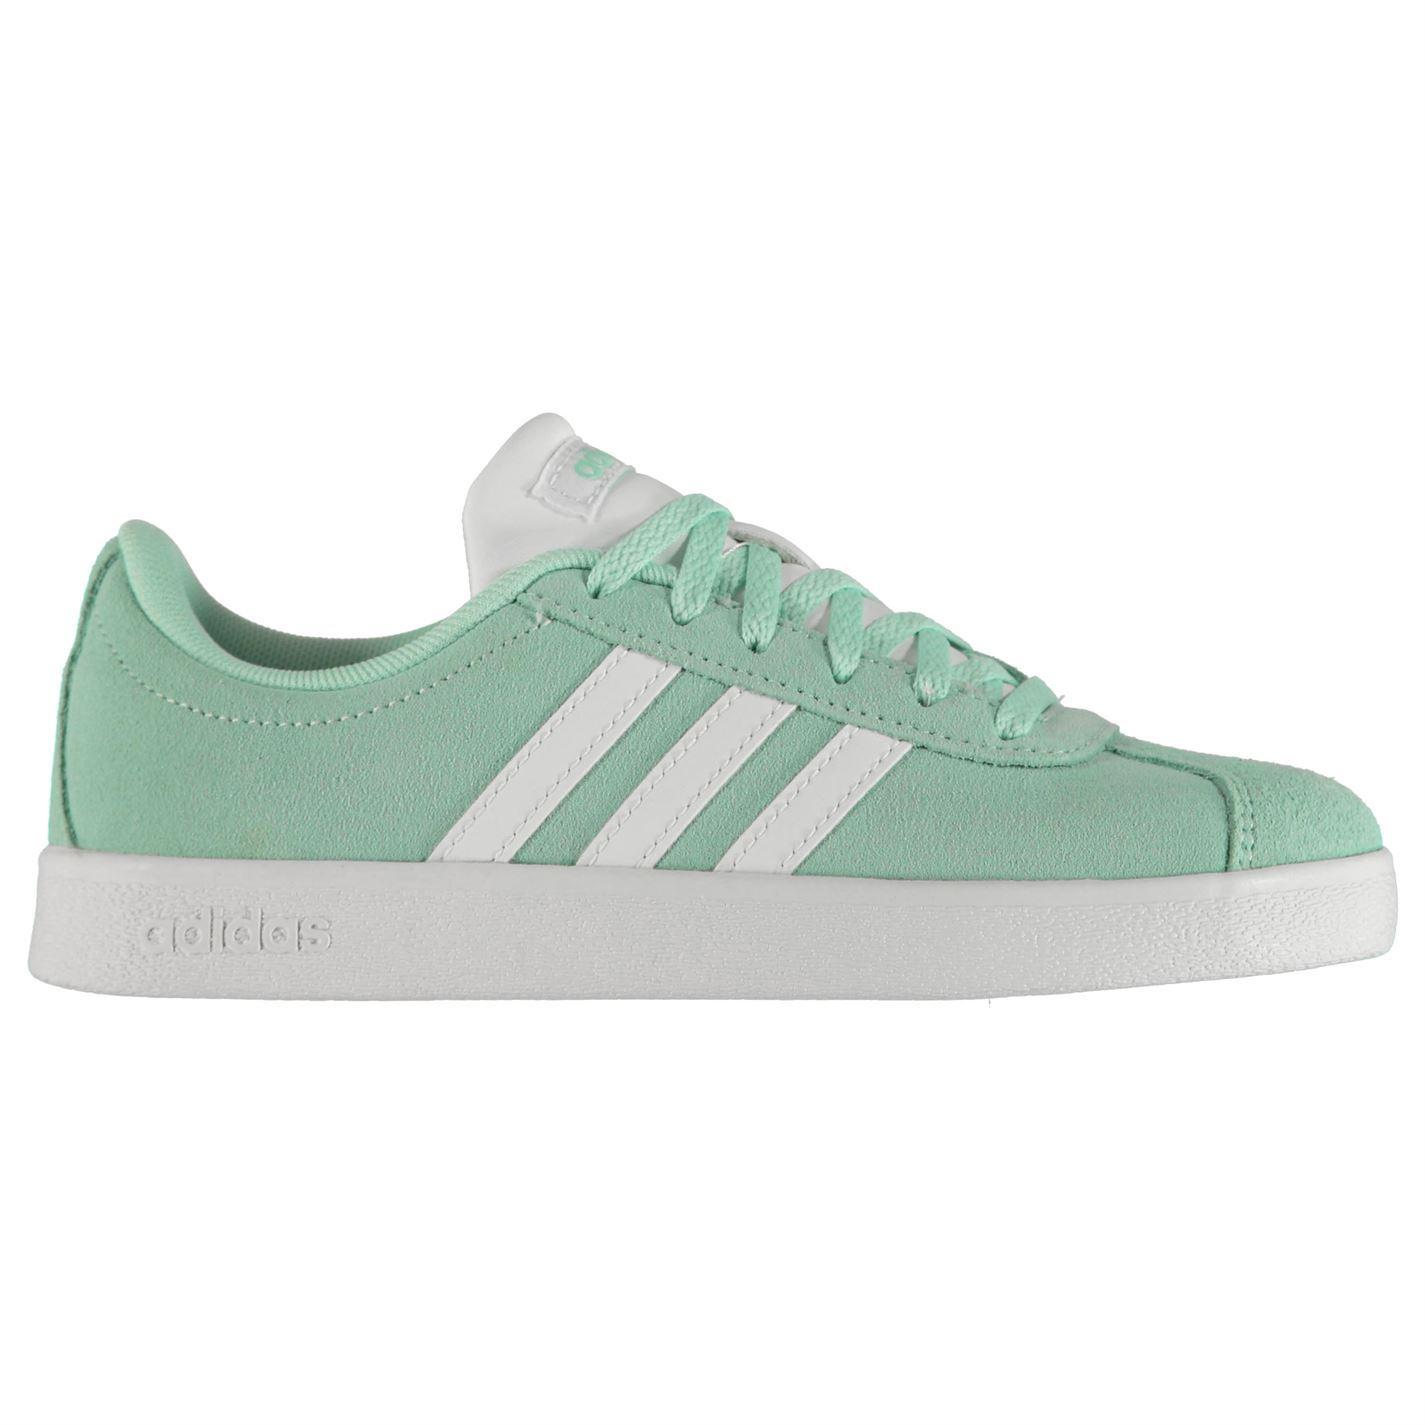 ... Adidas VL Court Suede scarpe bambino ragazze formatori calzature ... eb834bcf994